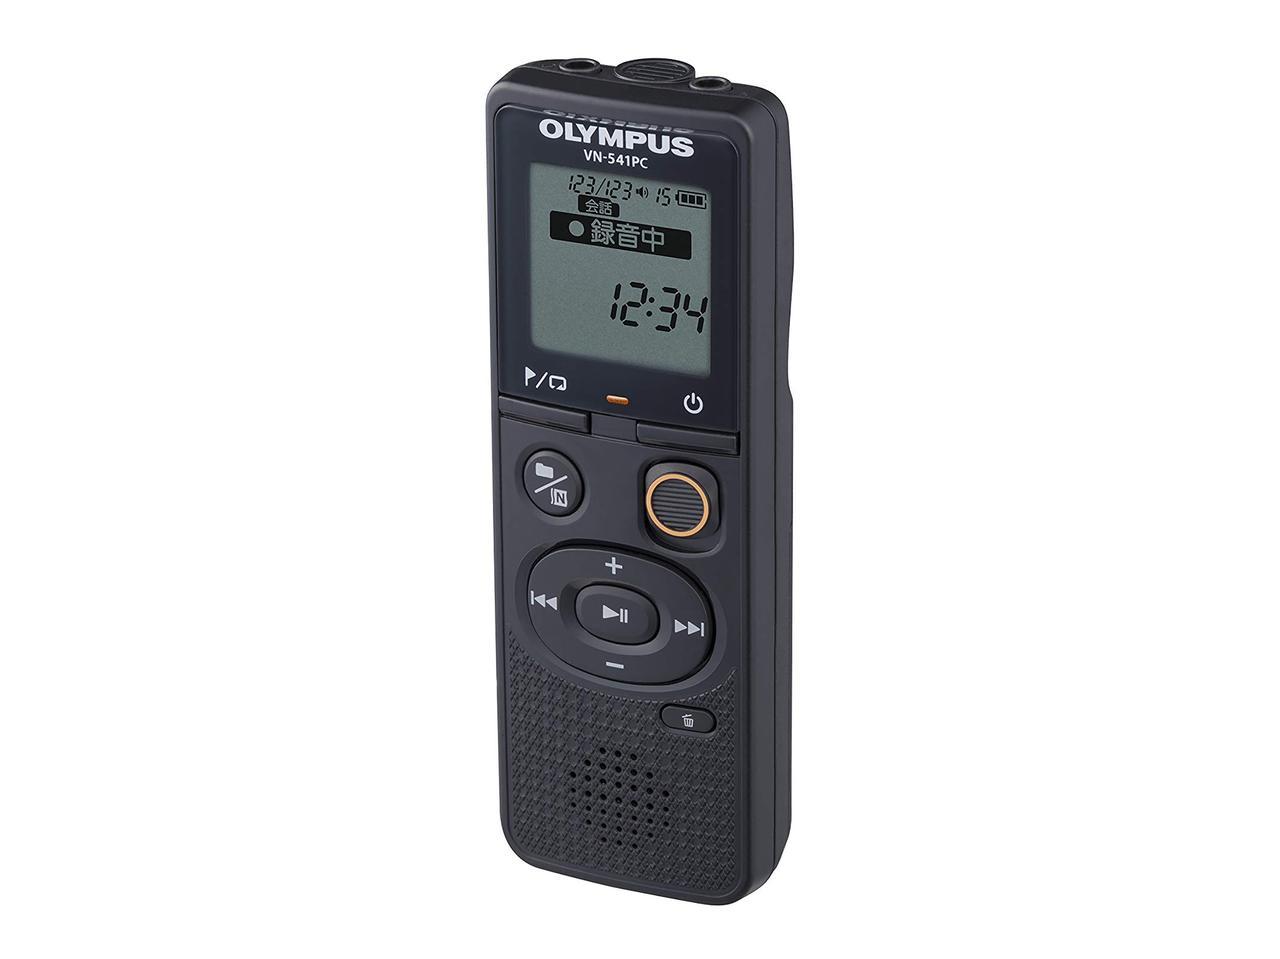 画像: OLYMPUS ICレコーダー VoiceTrek VN-541PC